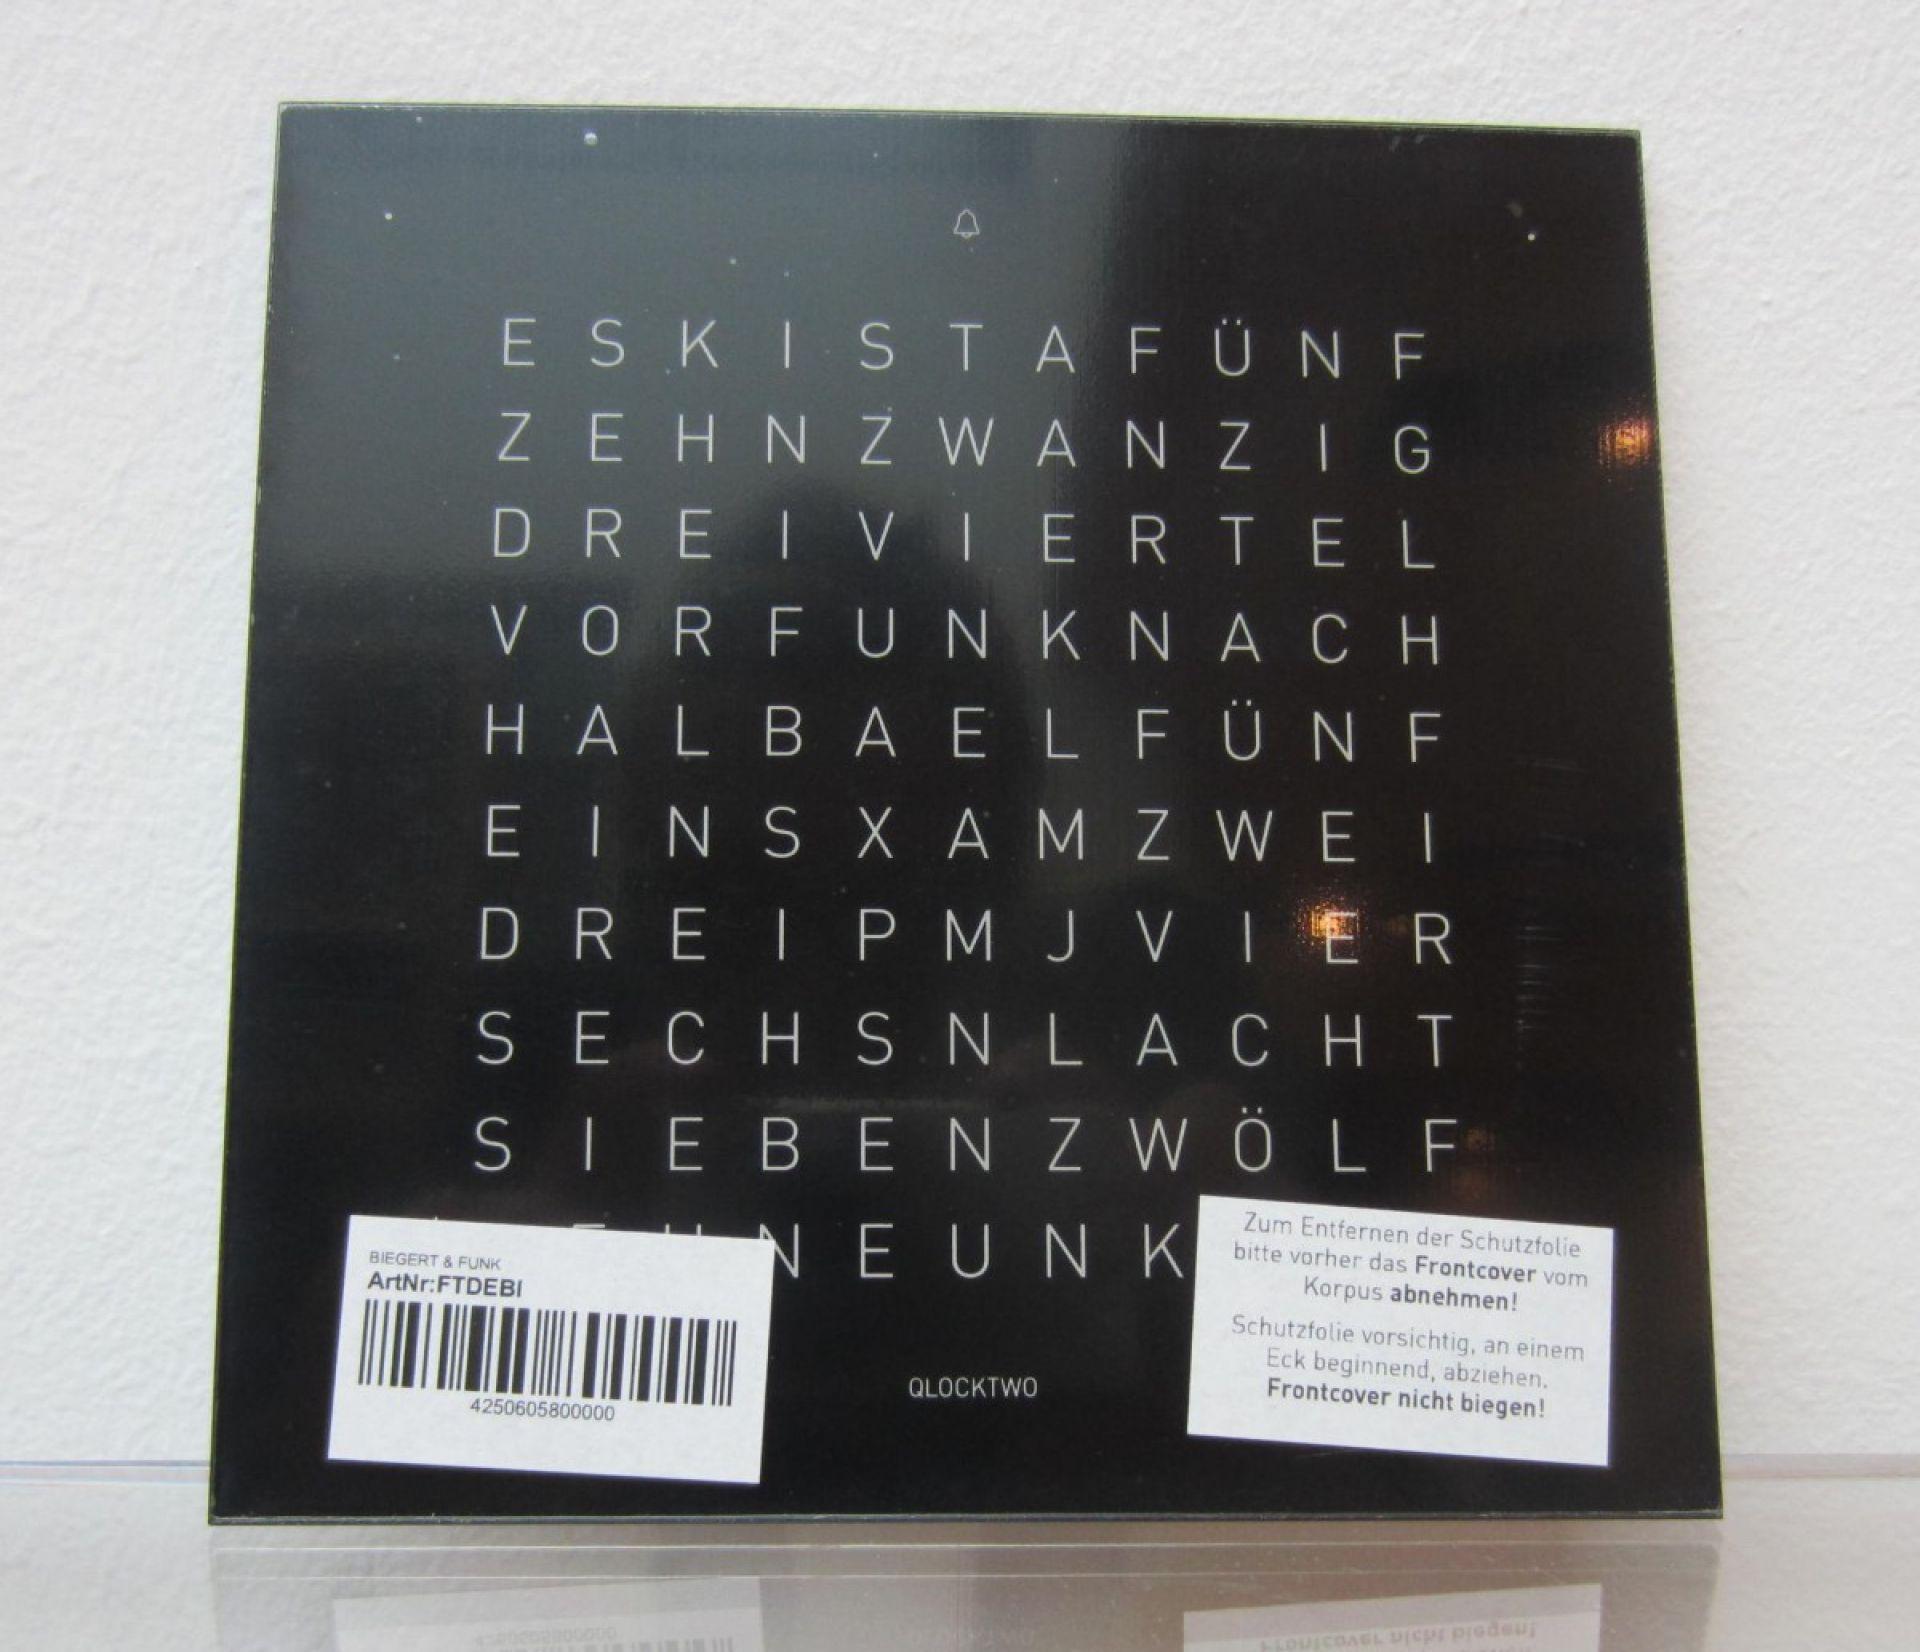 ERSATZWECHSELCOVER für Qlocktwo Classic Wanduhr / Tischuhr Biegert & Funk EINZELSTÜCKE